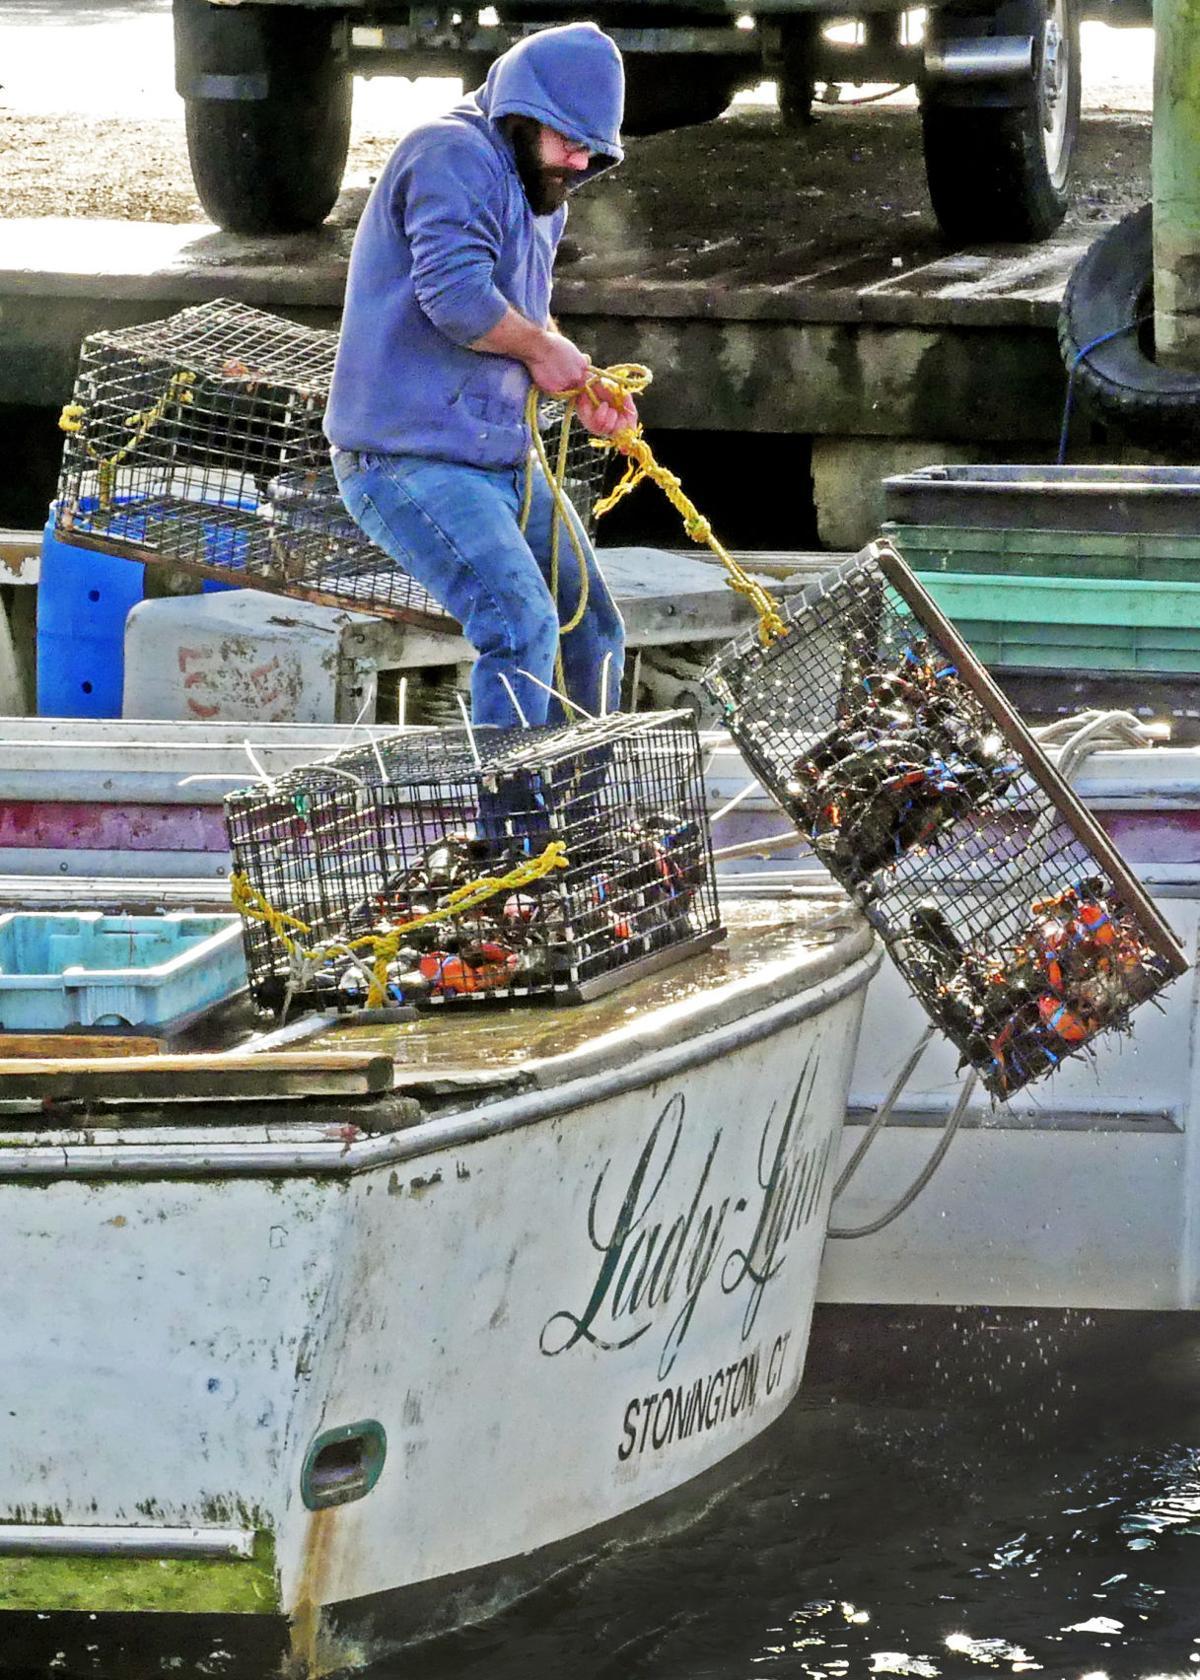 010820 STN Town Dock Lobster boat unloaded 599.JPG